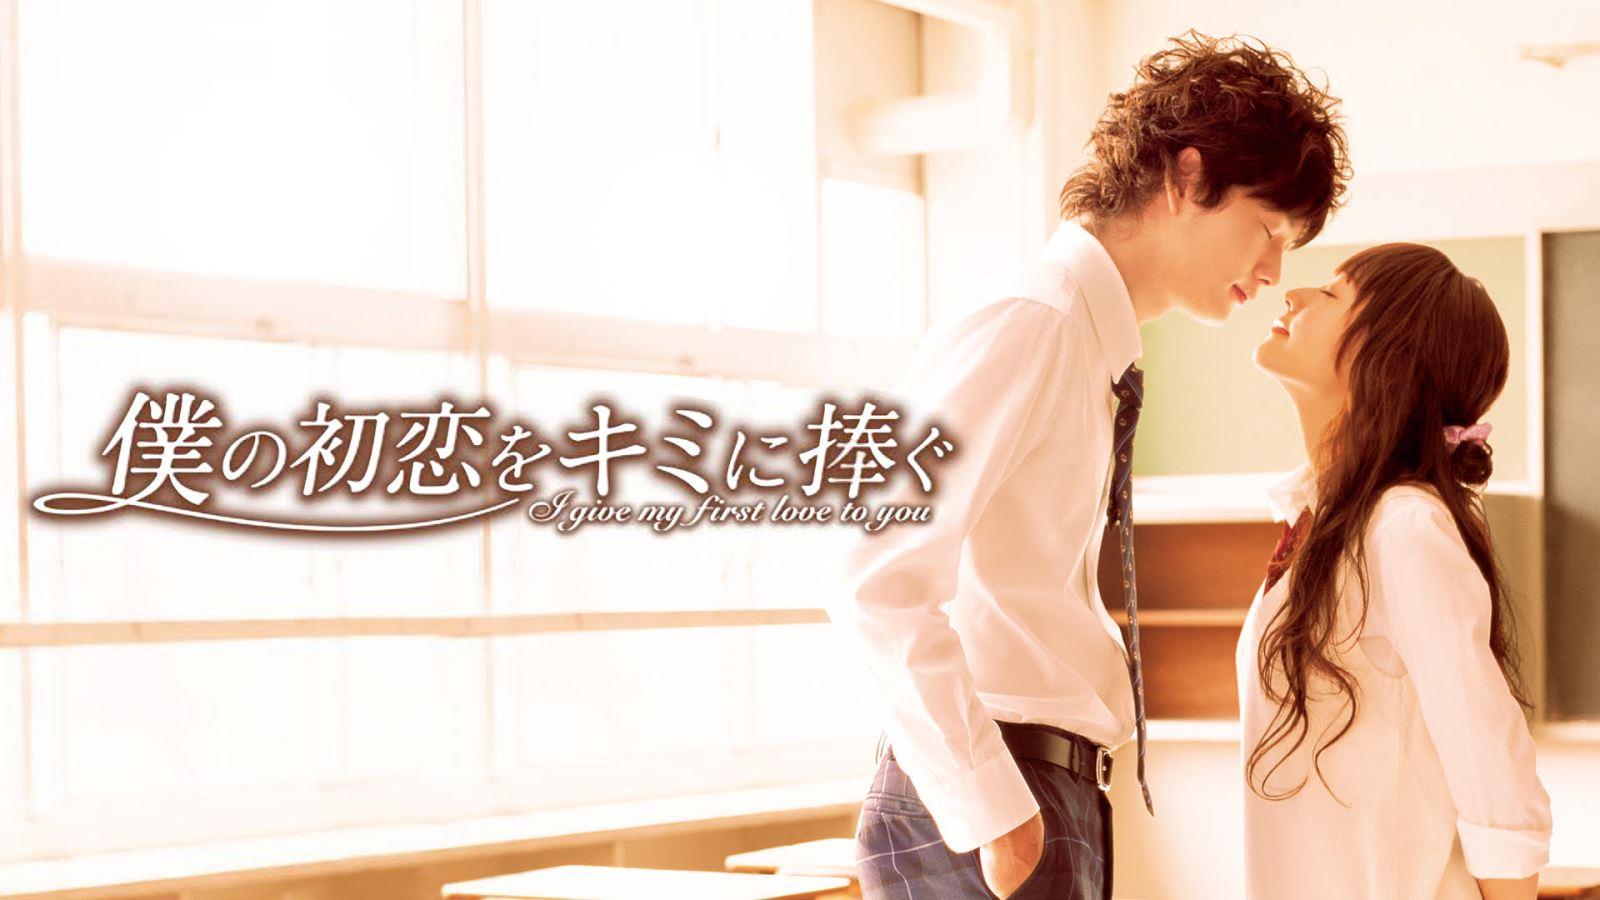 Top 10 phim tình cảm Nhật Bản sẽ khiến trái tim bạn rung động